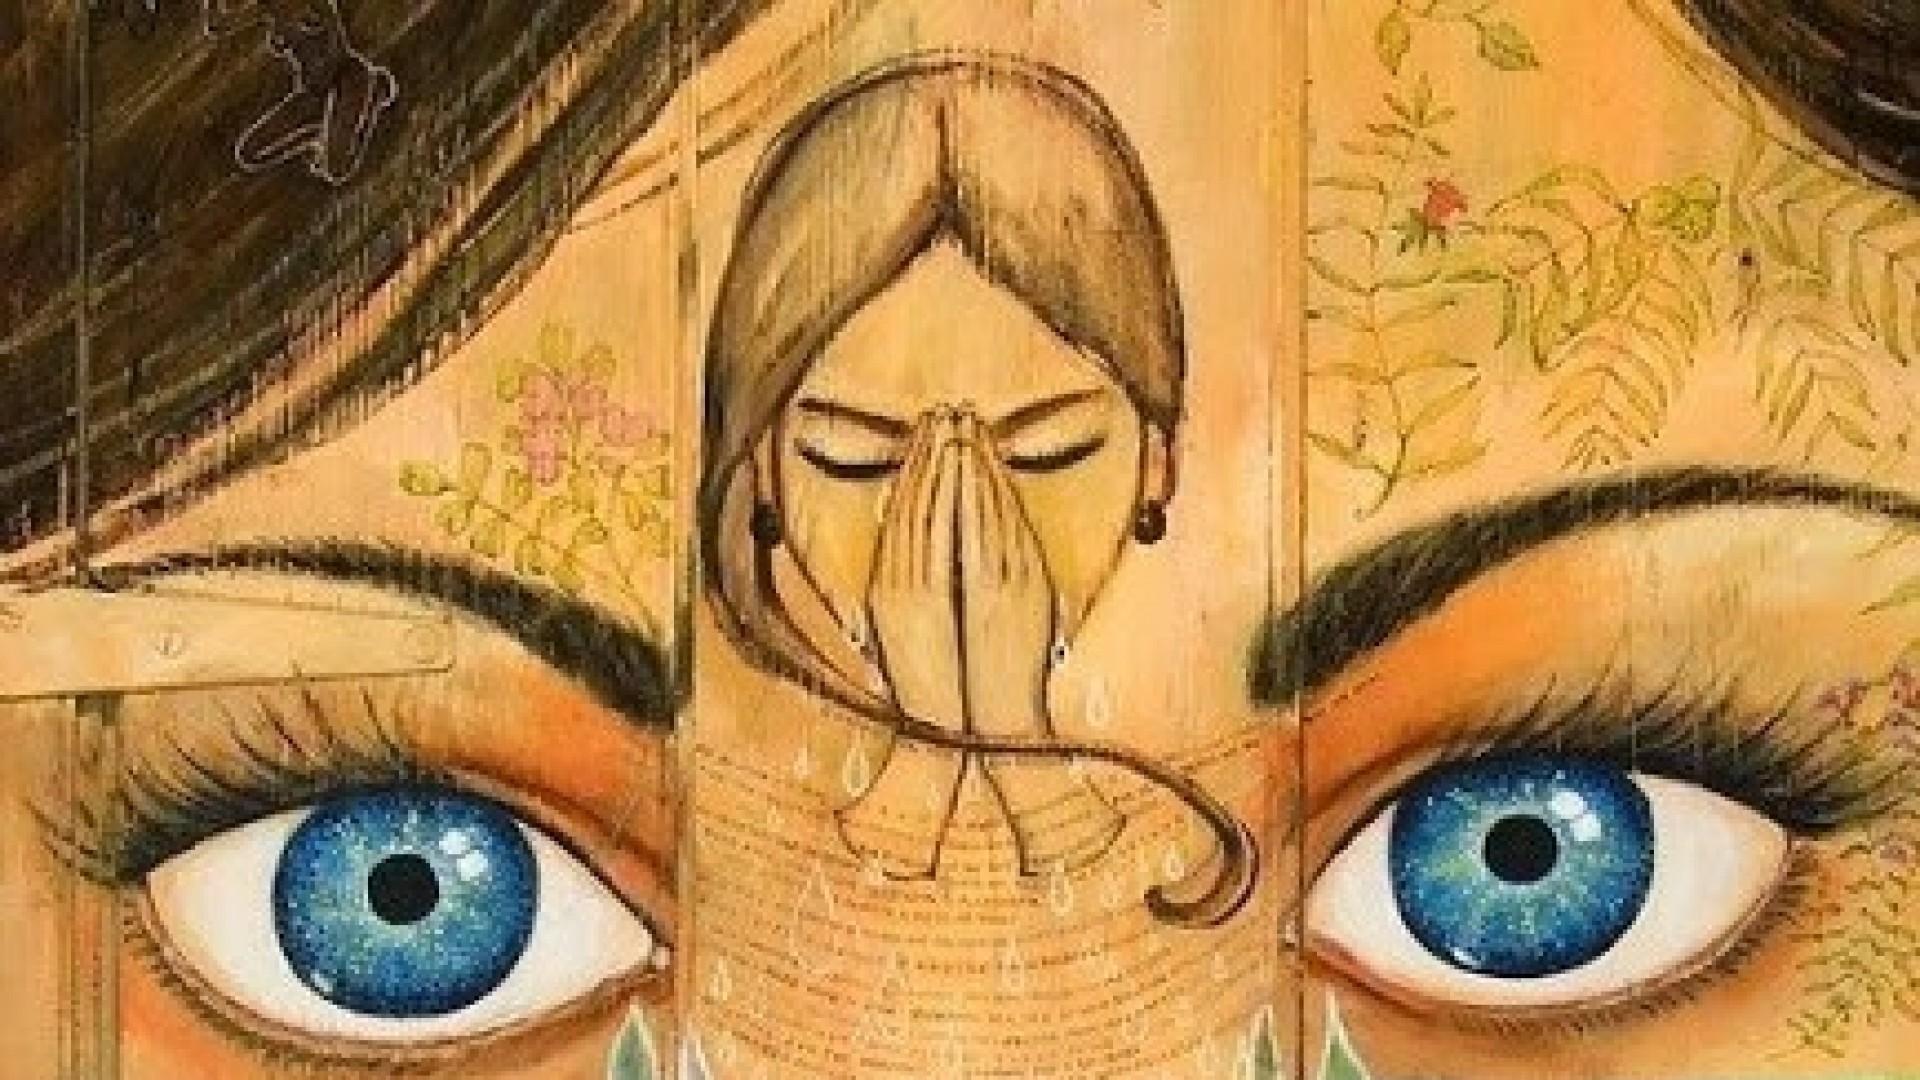 Как с помощью йоги и осознанности я вытащила себя из глубокой депрессии